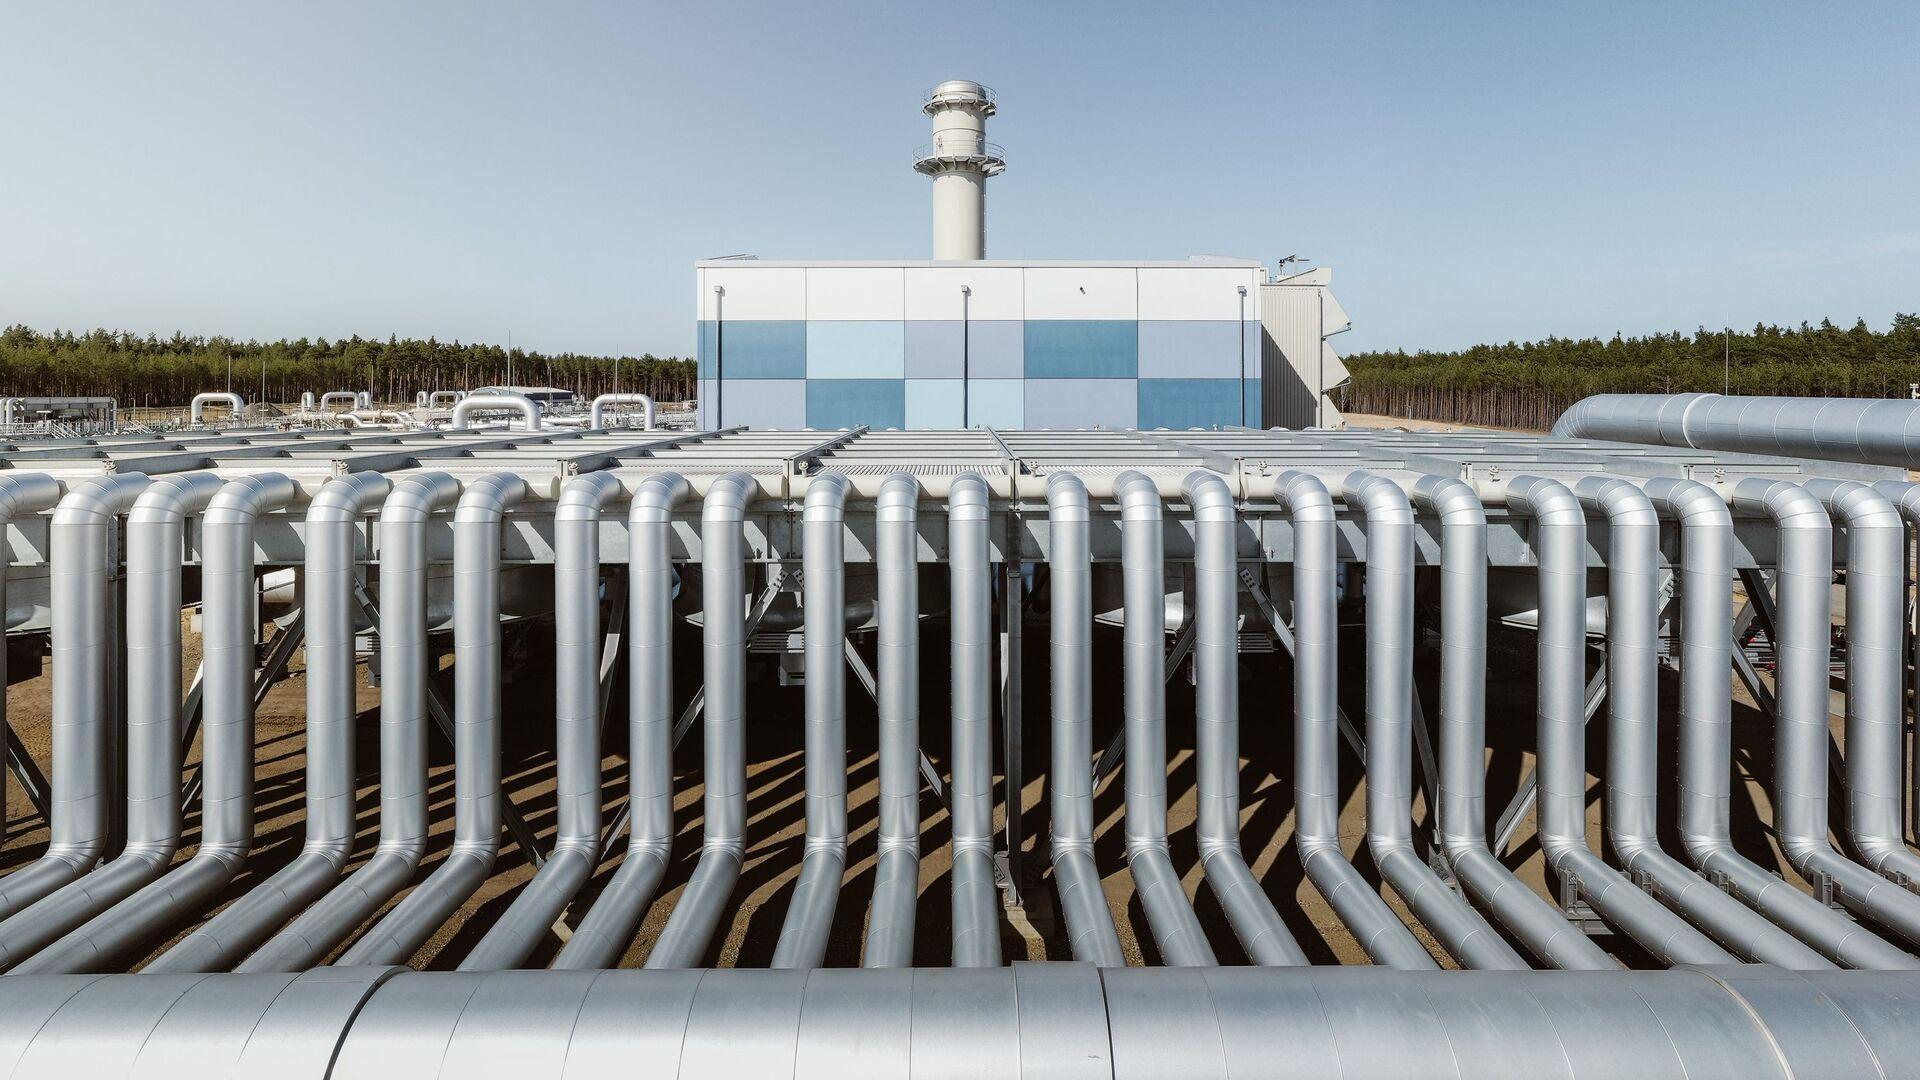 Строительство газопровода Северный поток-2 в Германии - Sputnik 日本, 1920, 17.09.2021